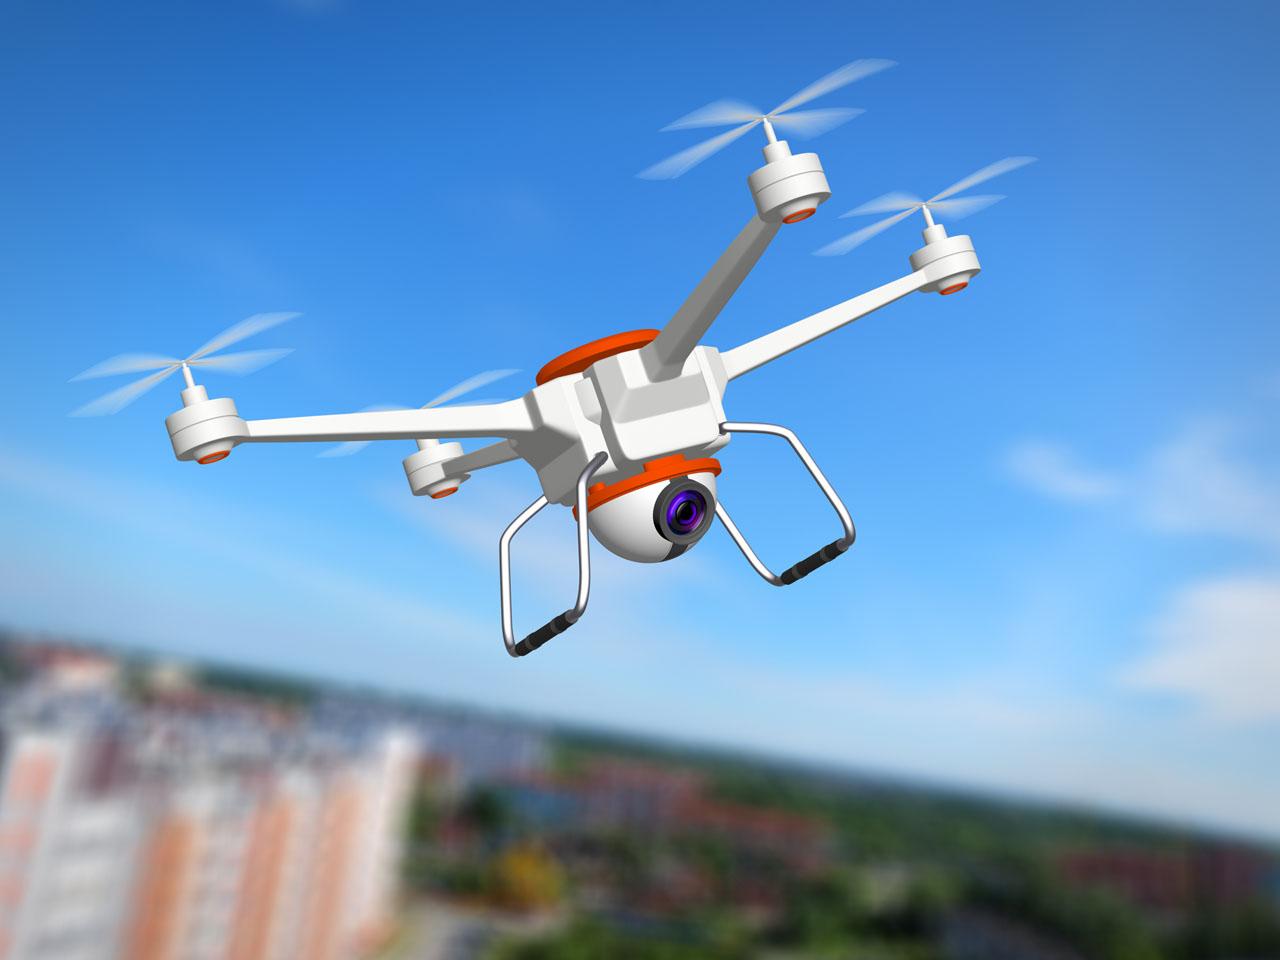 Les drones mieux surveillés